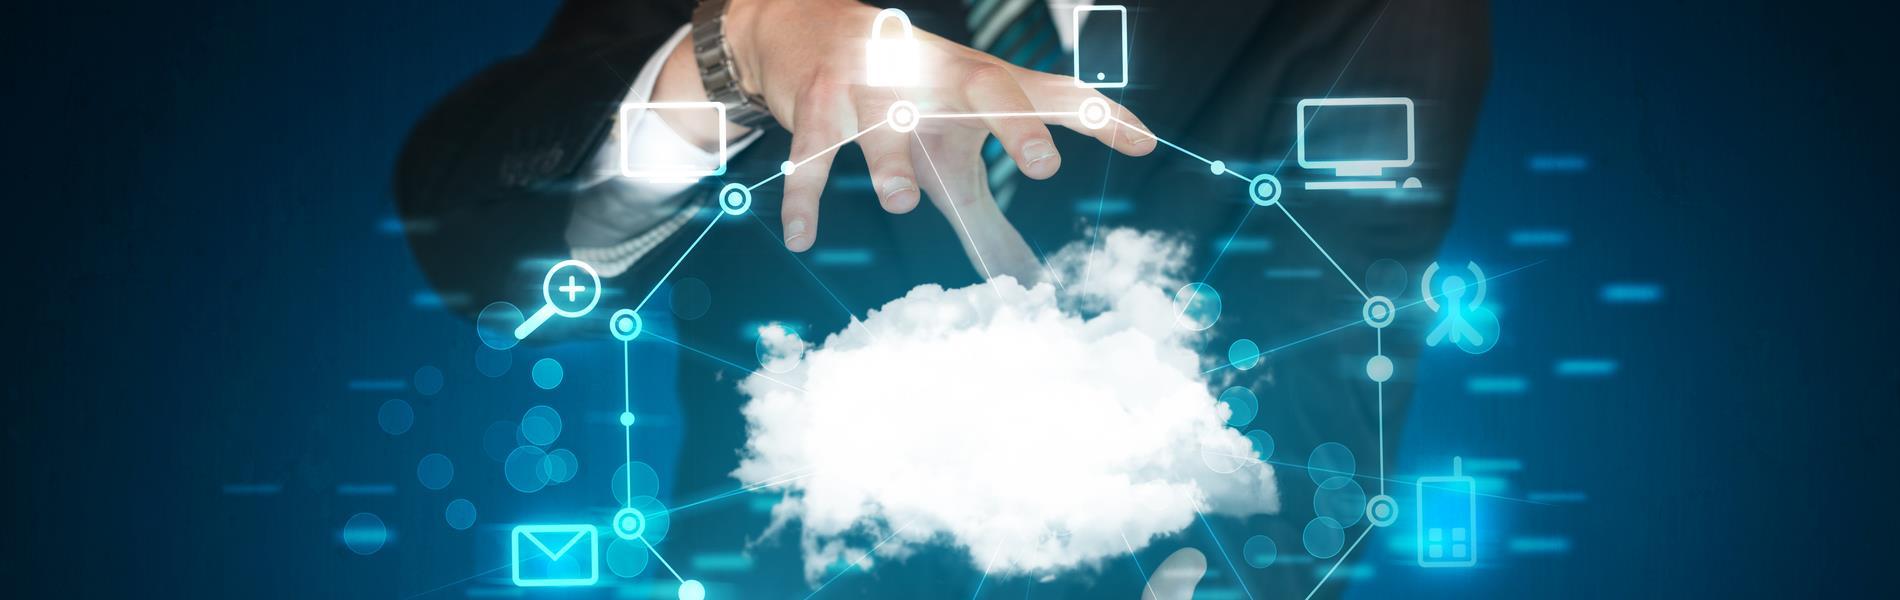 Microsoft Office 365 og SkyDrift